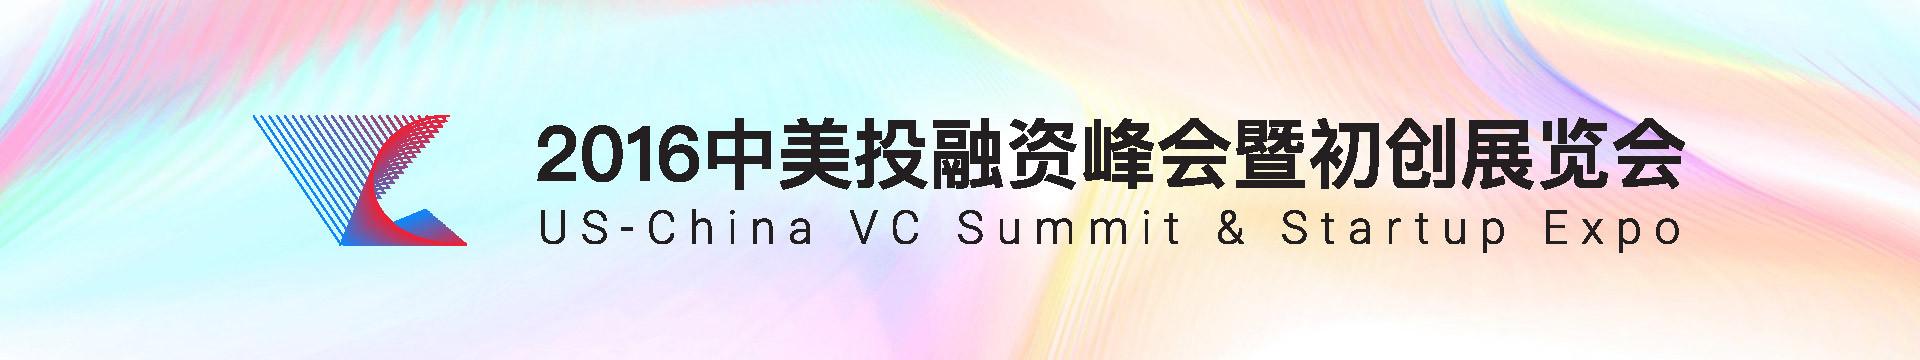 2016中美投融资峰会暨初创展览会